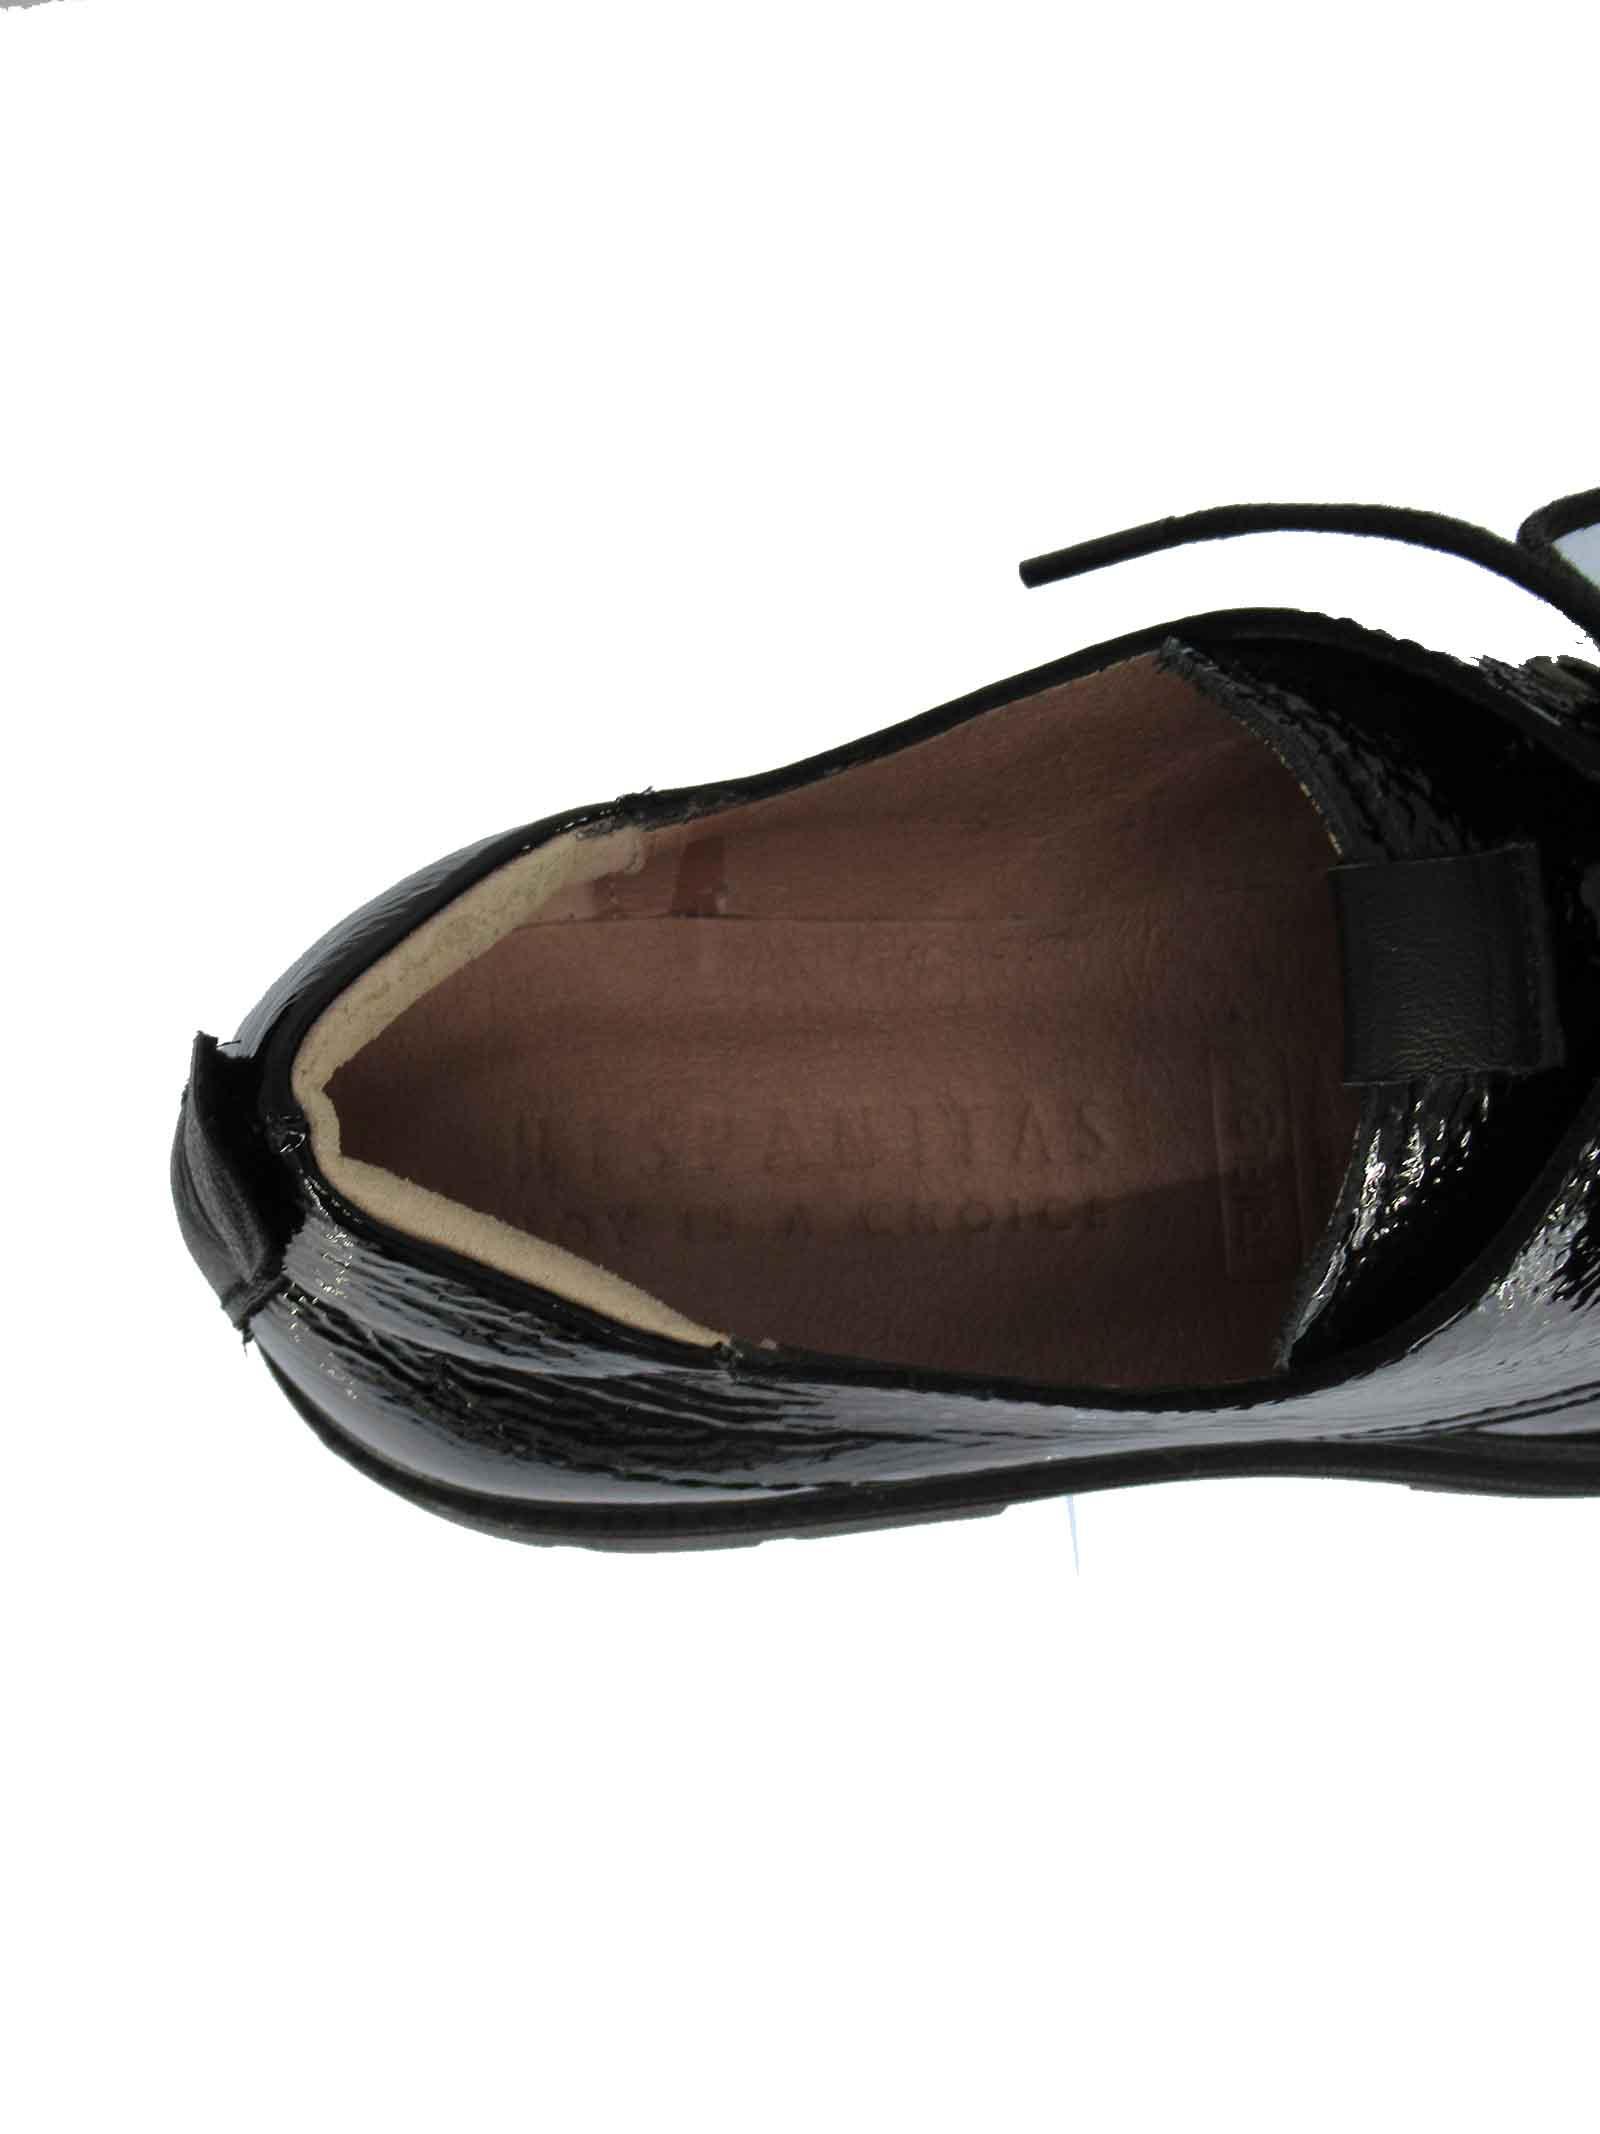 Calzature Donna Stringate Alison in Pelle Vernicita Morbida nera con Fondo Gomma Carrarmato in Tinta Hispanitas   Stringate   HI211862001